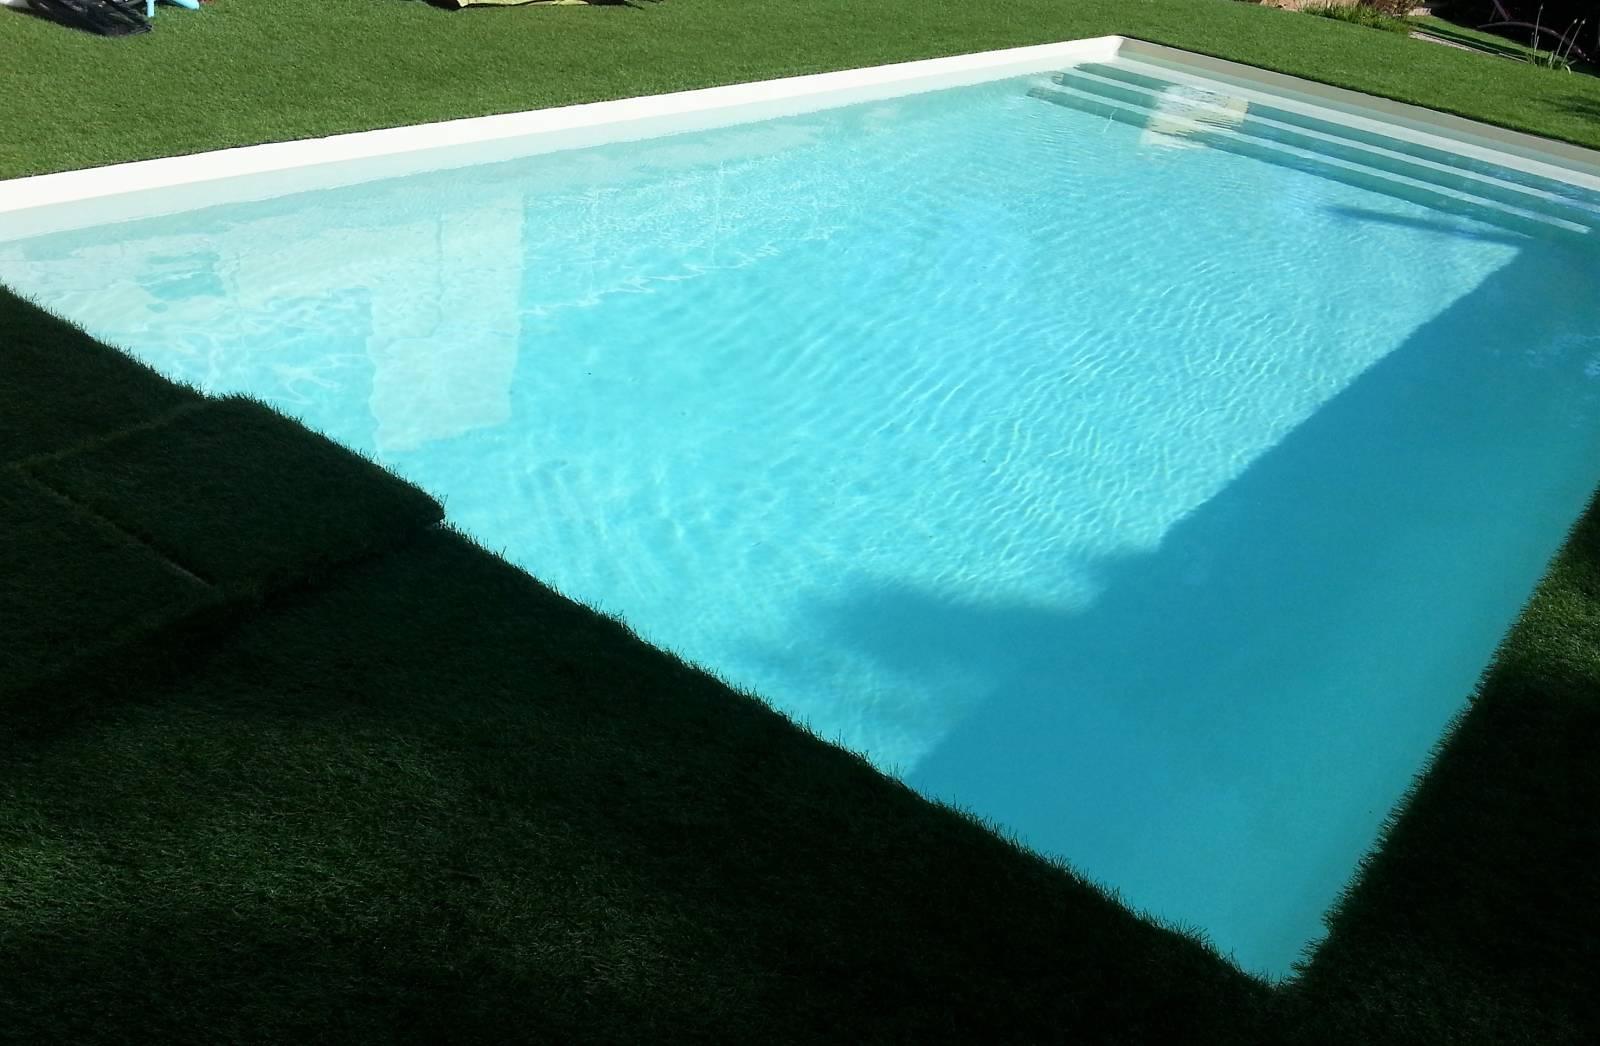 Le gazon autour de la piscine jce piscines for Carrelage autour piscine